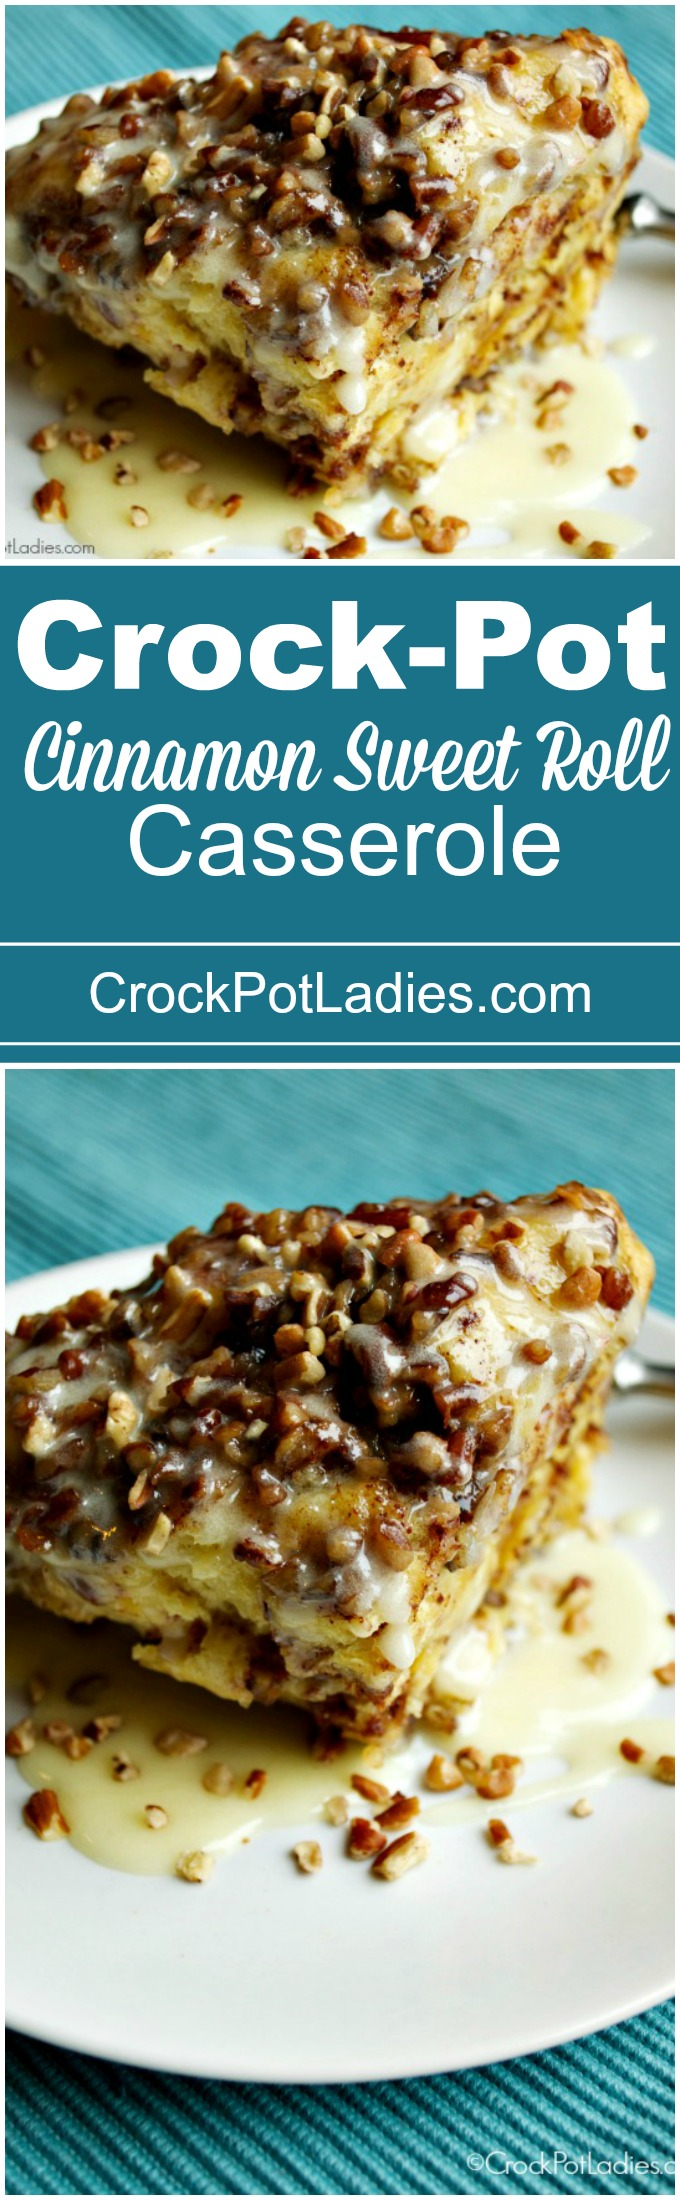 Crock-Pot Cinnamon Sweet Roll Casserole